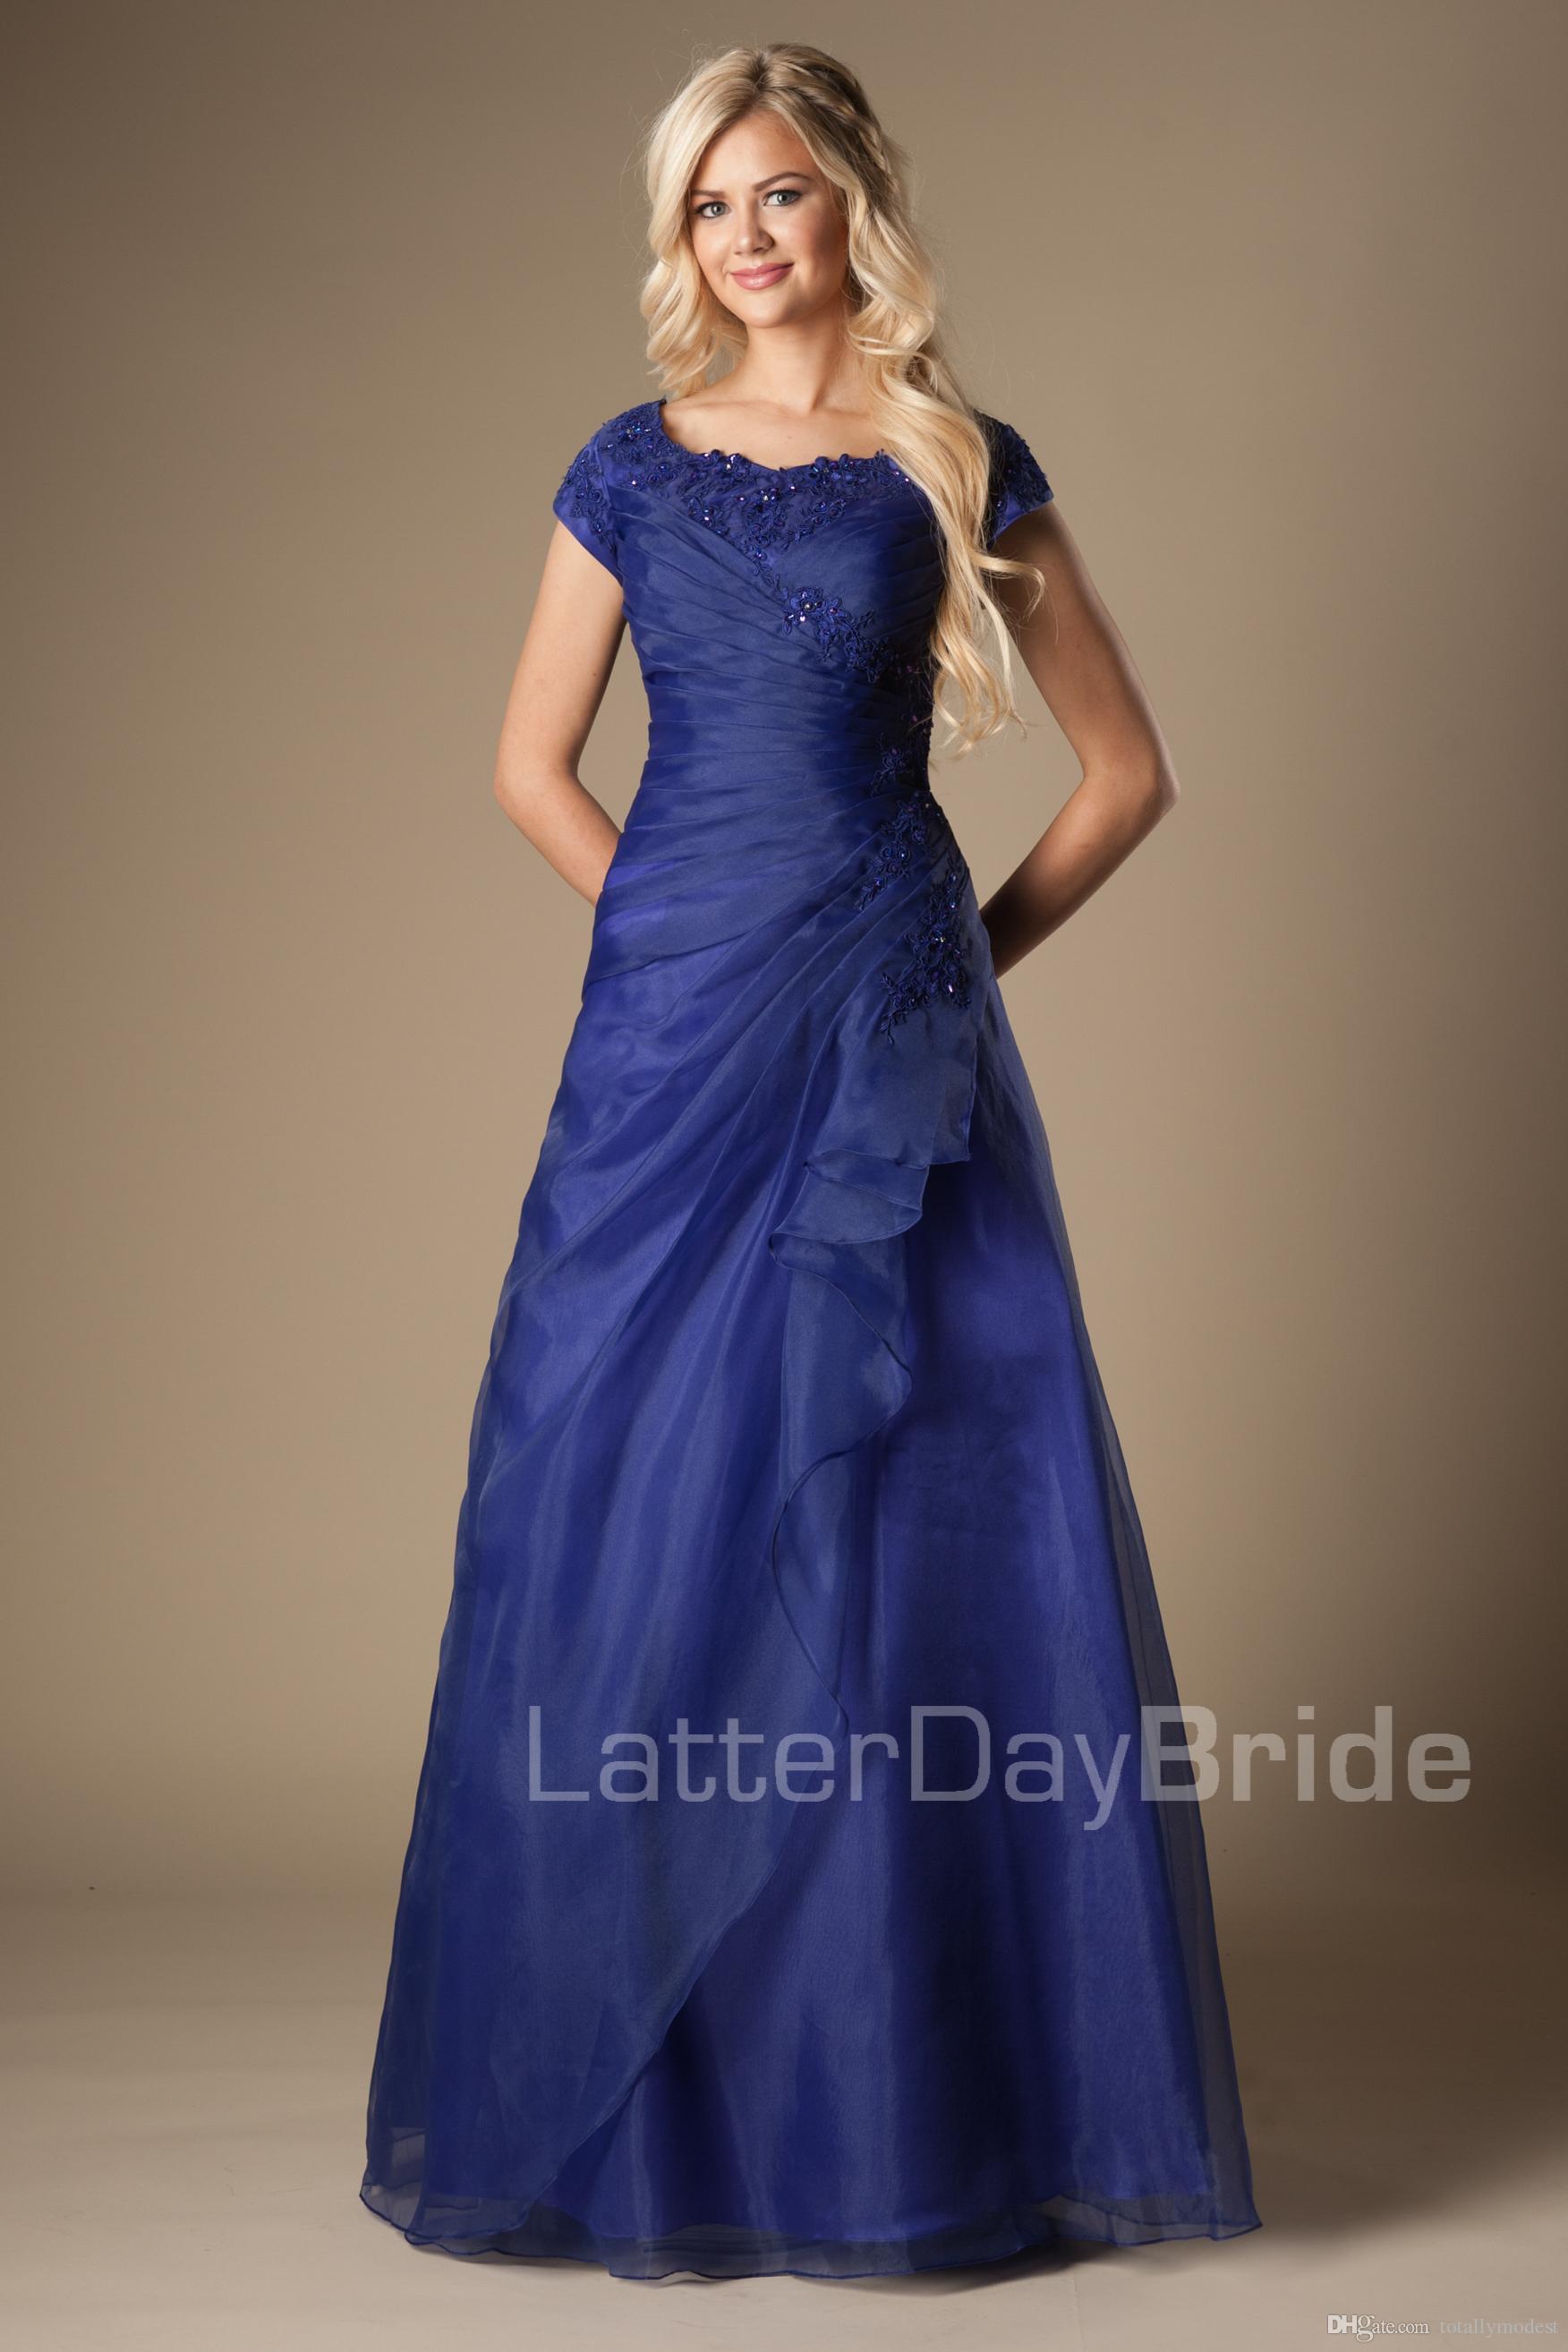 Großhandel Einfache Klassische Blaue Lange Bescheidene Ballkleider Mit  Flügelärmeln Perlen Organza Bodenlangen Mädchen Abendkleider Bodenlangen